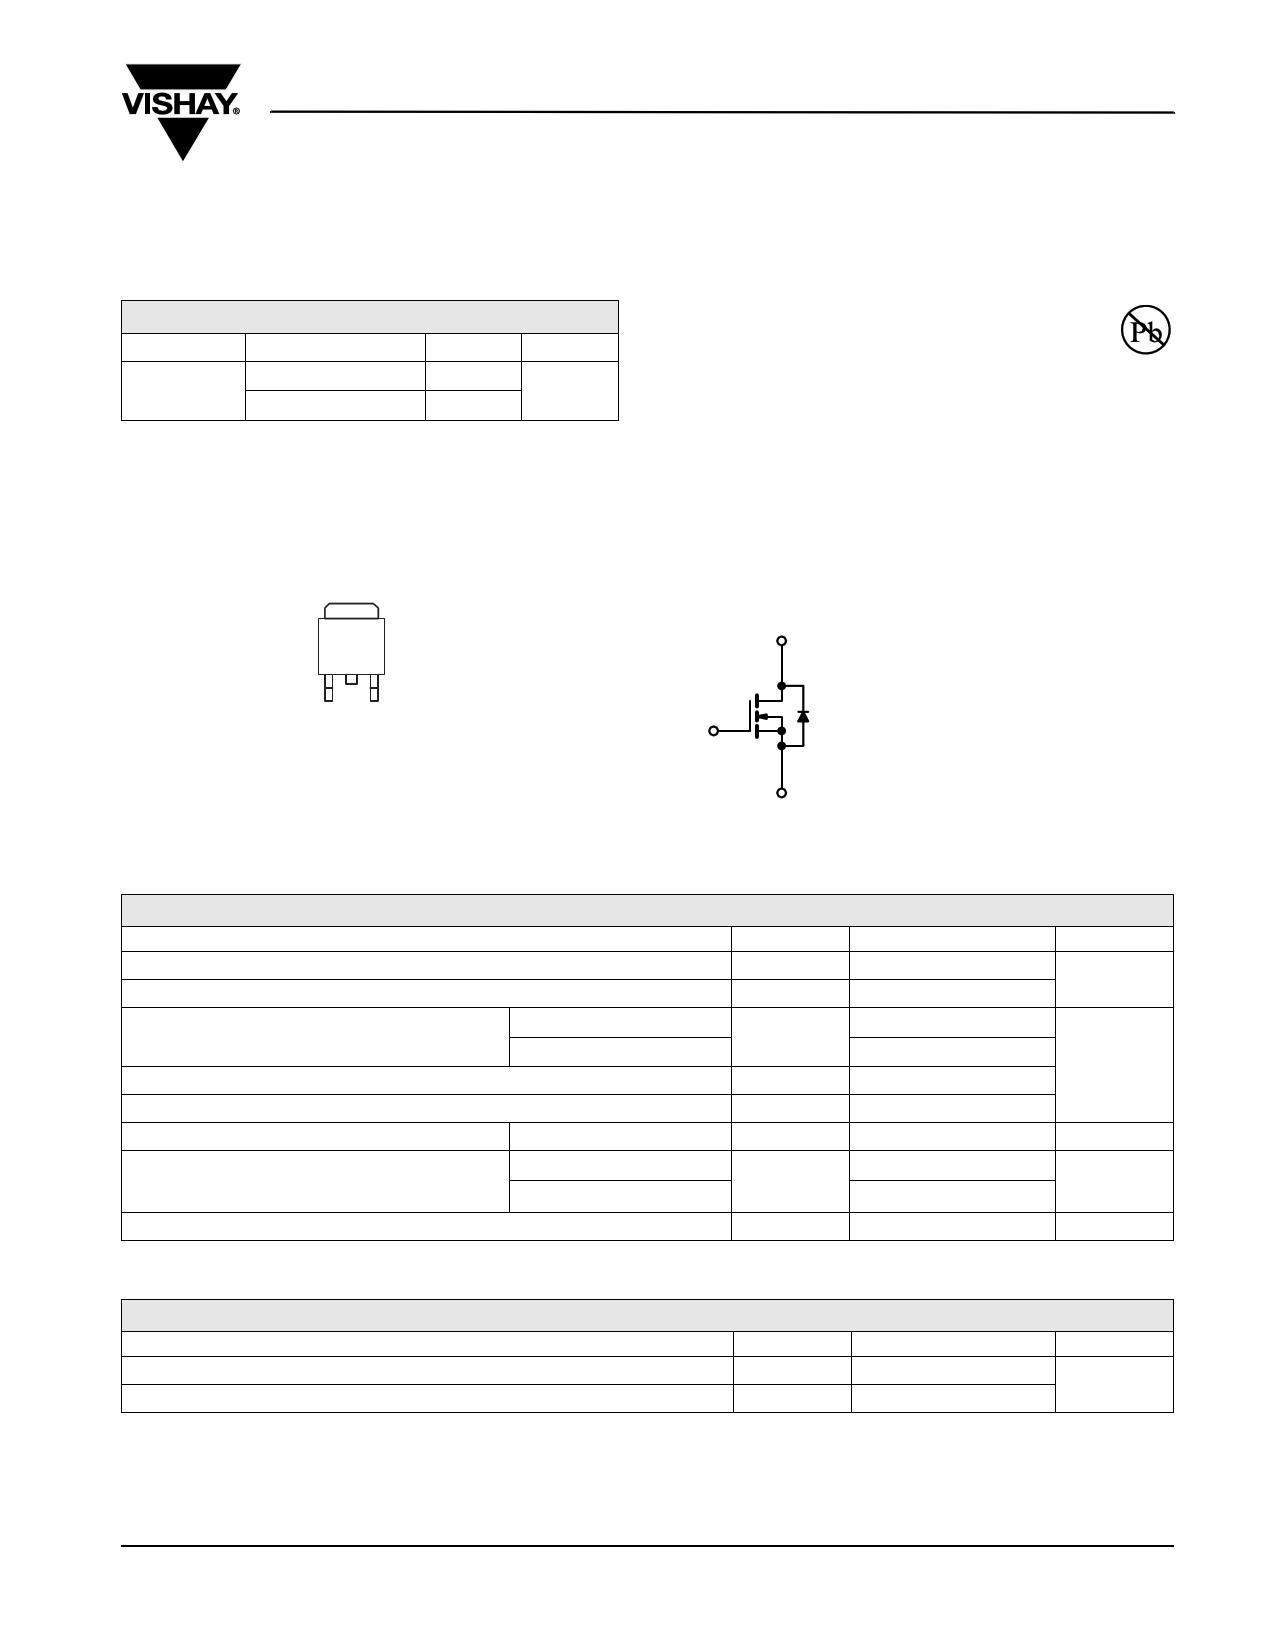 SUM90N08-4m8P datasheet, circuit